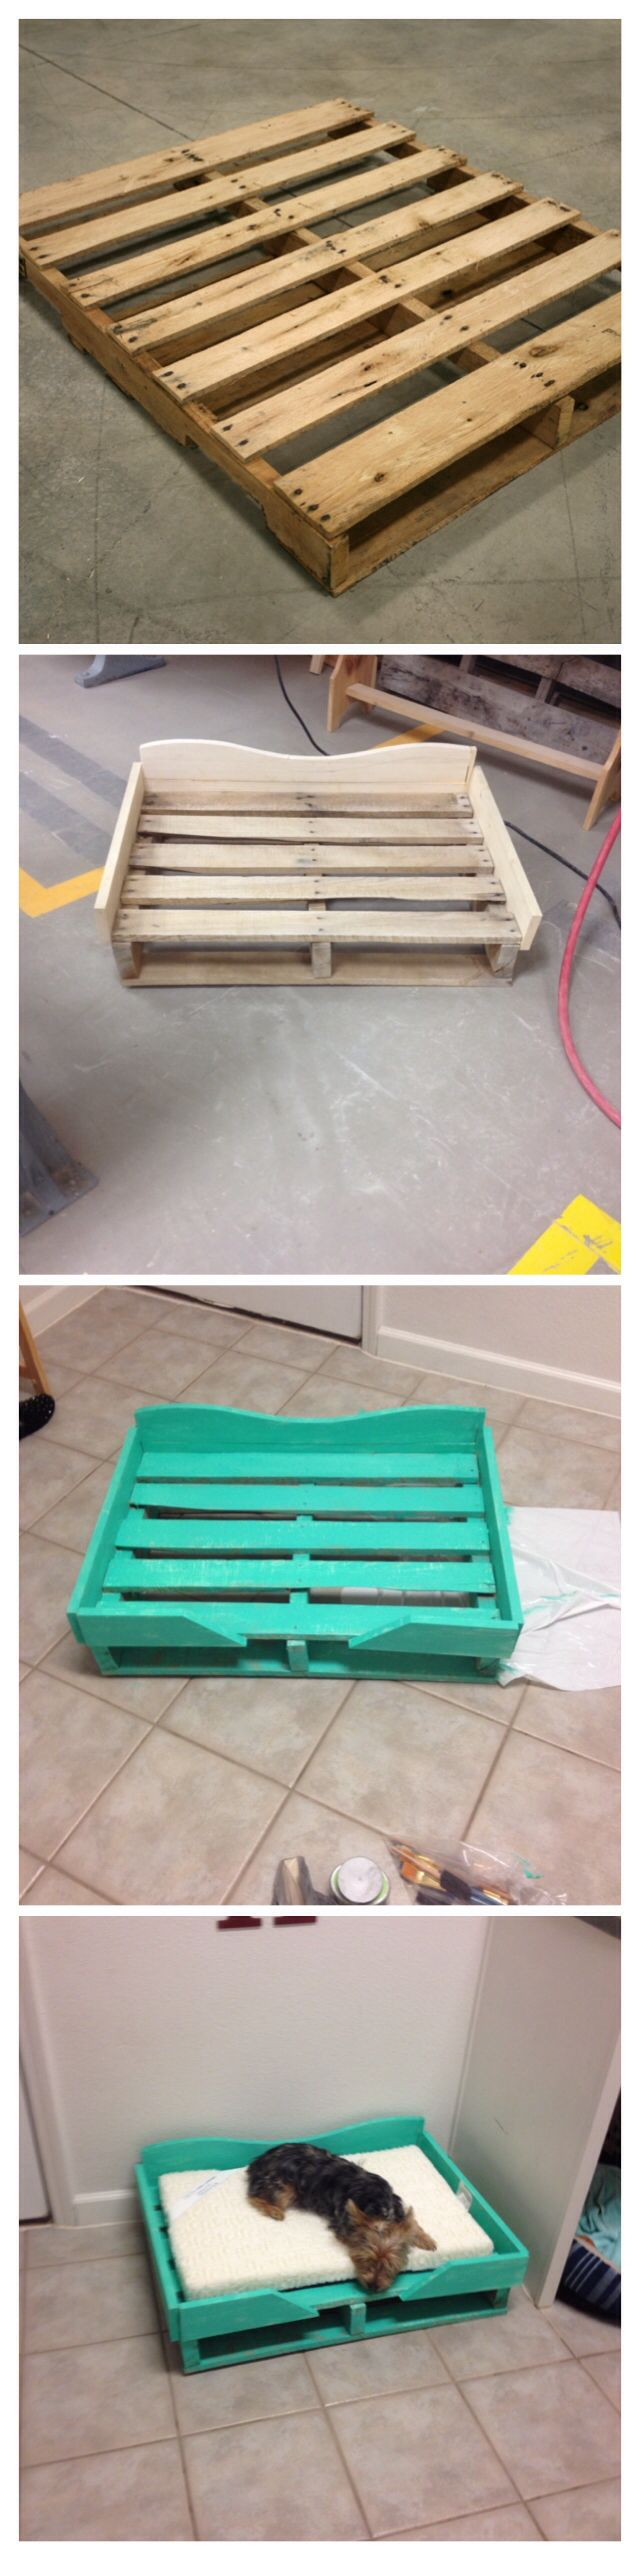 C mo hacer una cama para perro de palet paso a paso i for Como hacer una cama japonesa paso a paso